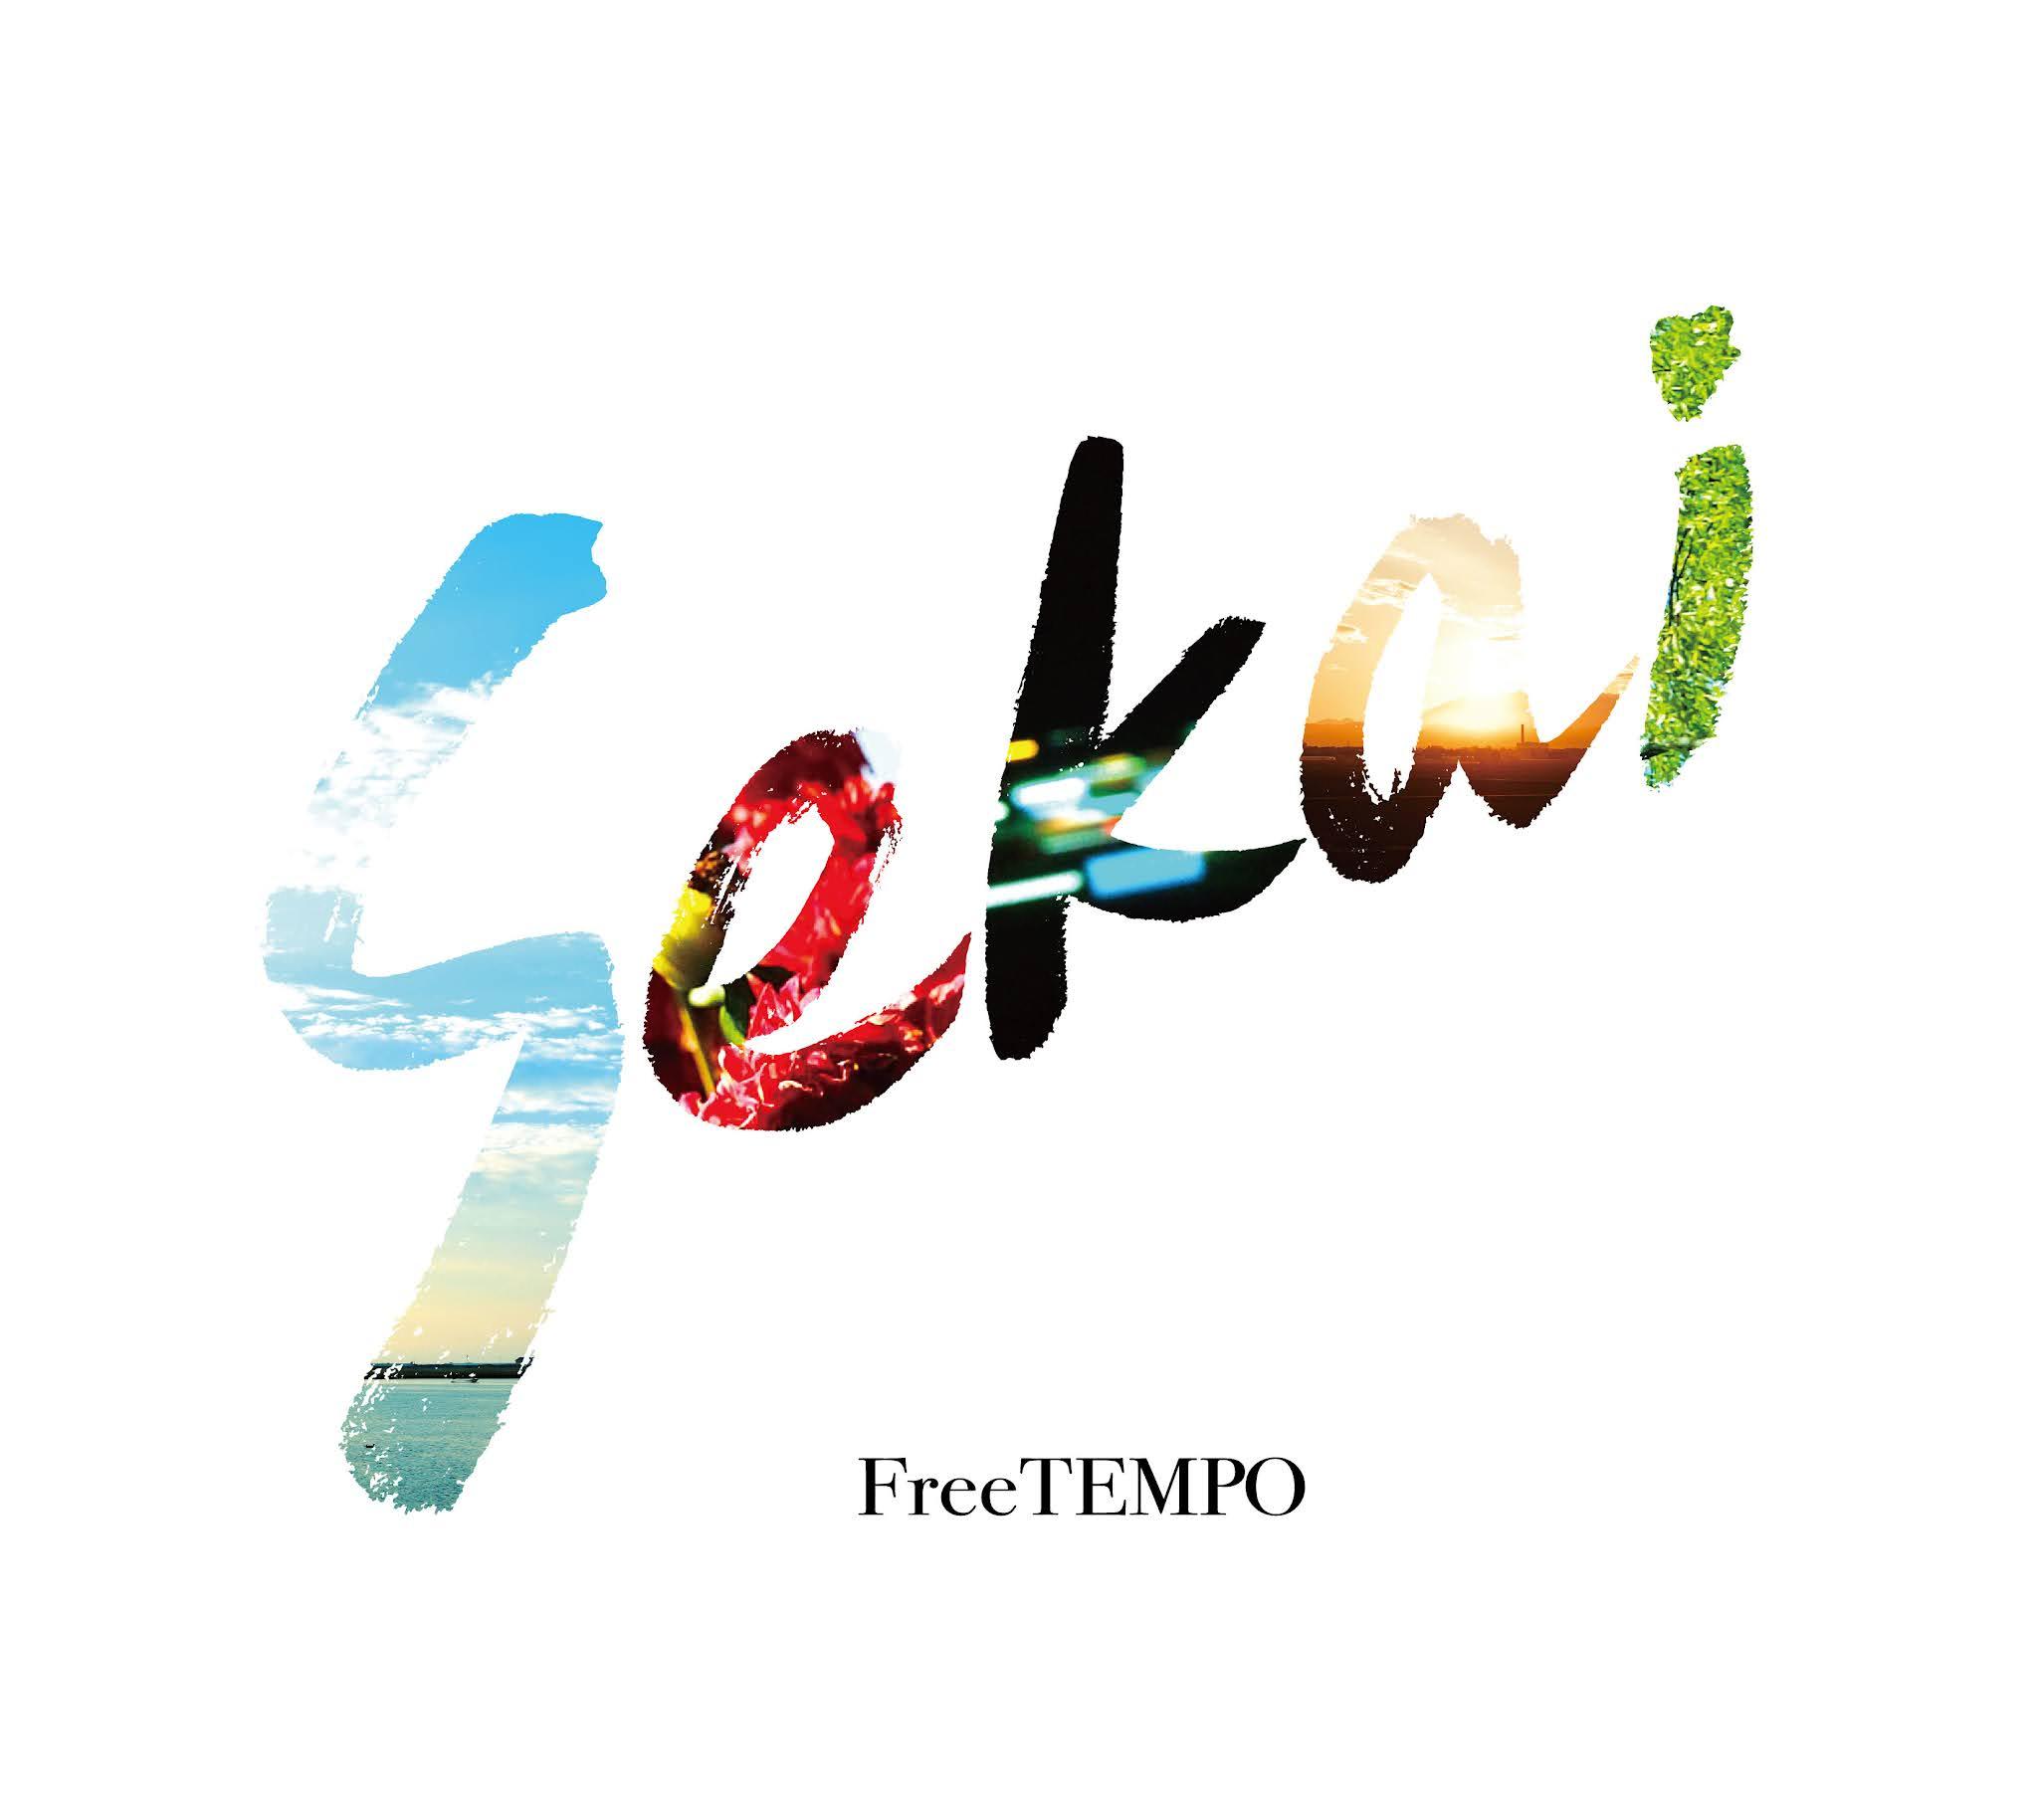 FreeTEMPO - Sekai